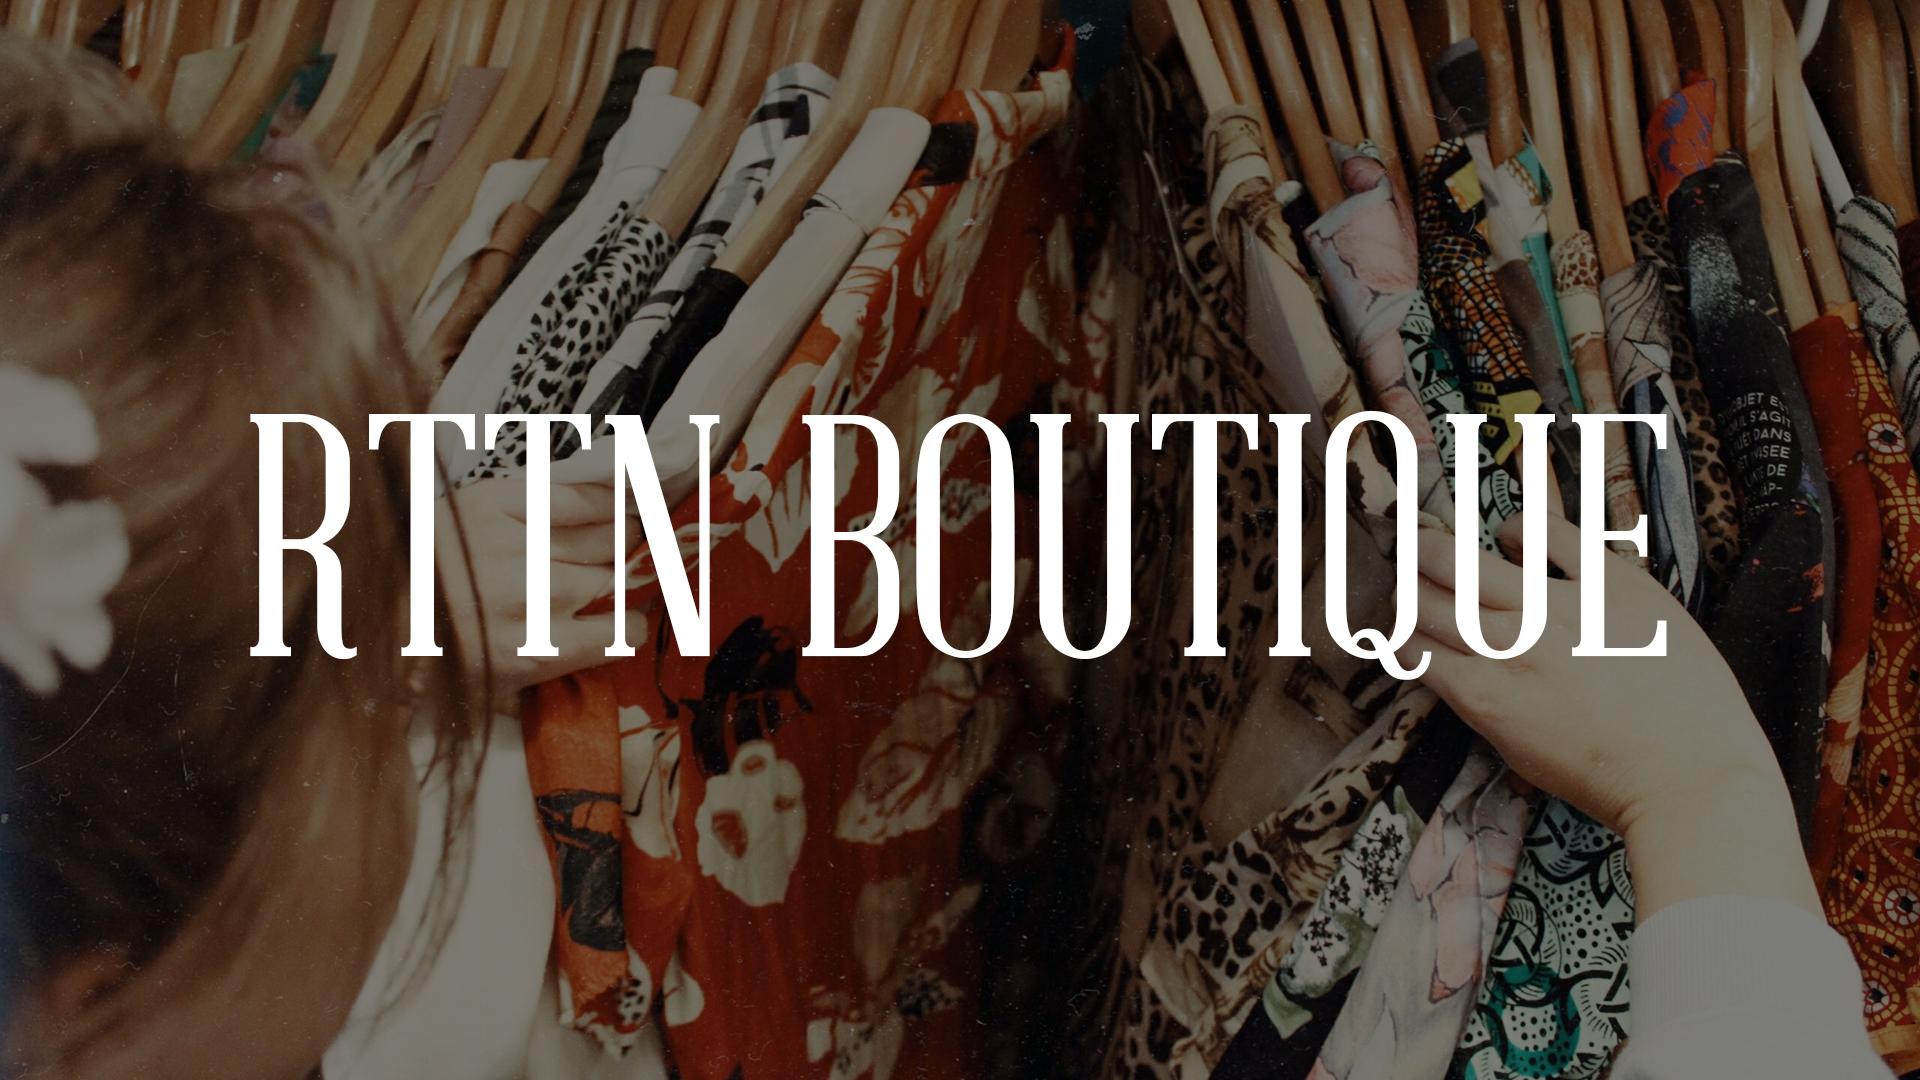 RTTNBoutique